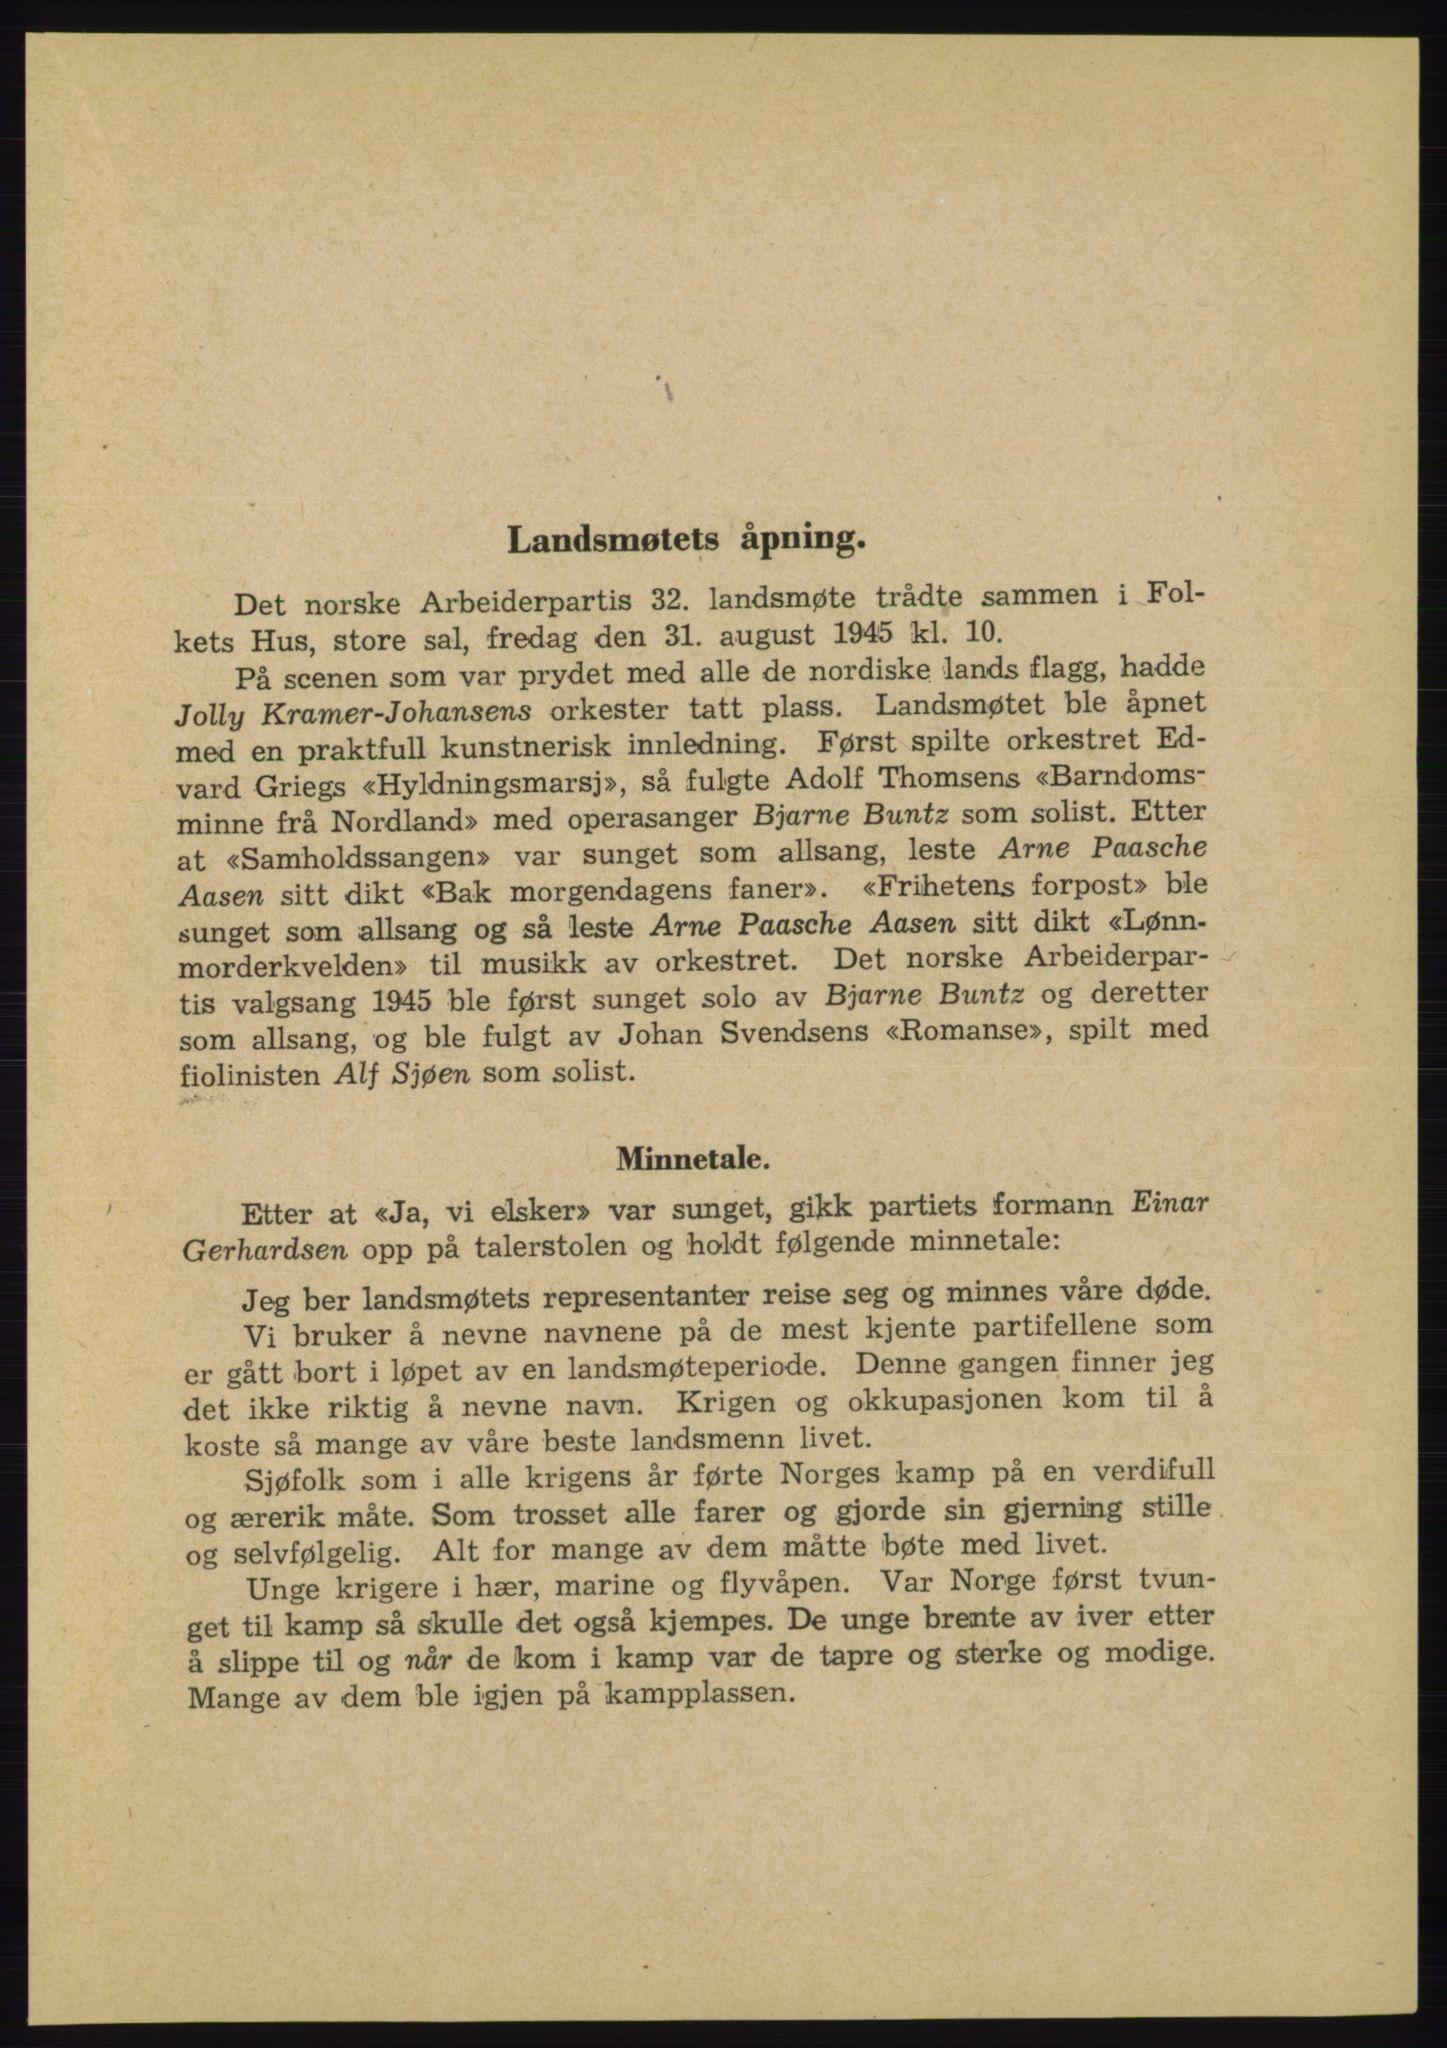 AAB, Det norske Arbeiderparti - publikasjoner, -/-: Protokoll over forhandlingene på landsmøtet 31. august og 1.-2. september 1945, 1945, s. 7